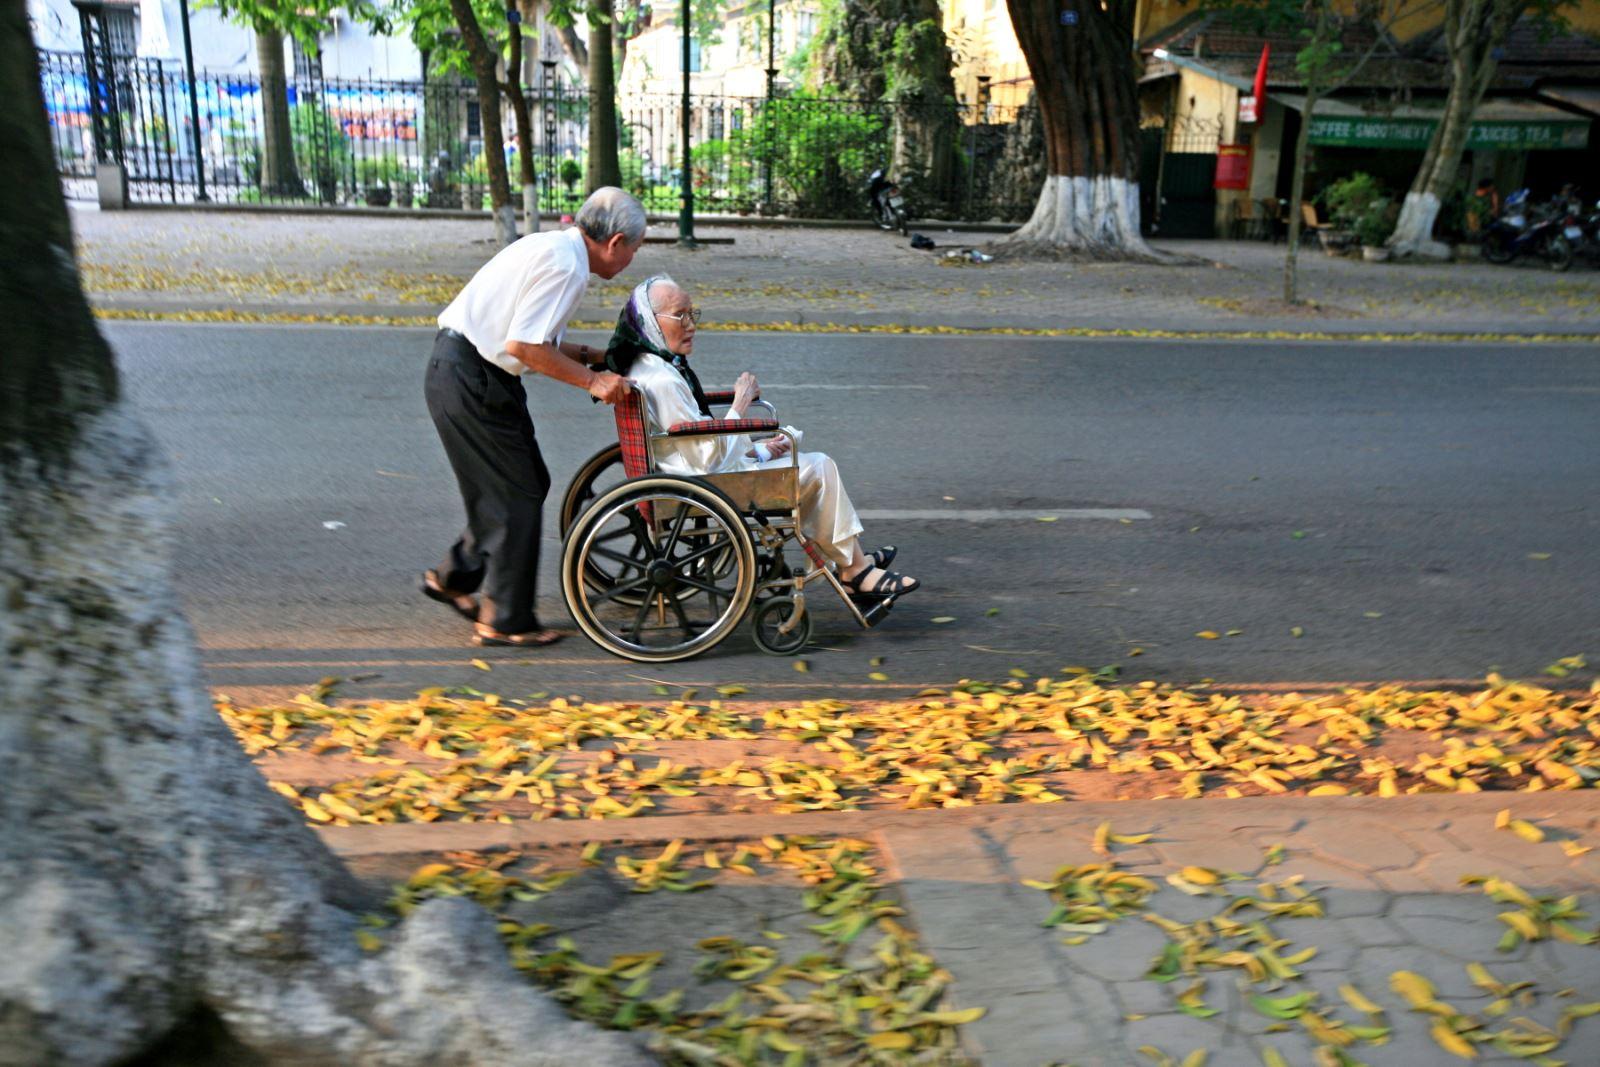 Trên các phố Phan Đình Phùng, Trần Phú, Điện Biên Phủ, Lý Nam Đế..., lá sấu rụng bên những gốc sấu già là một trong những hình ảnh đẹp, đặc trưng rất ...Hà Nội.